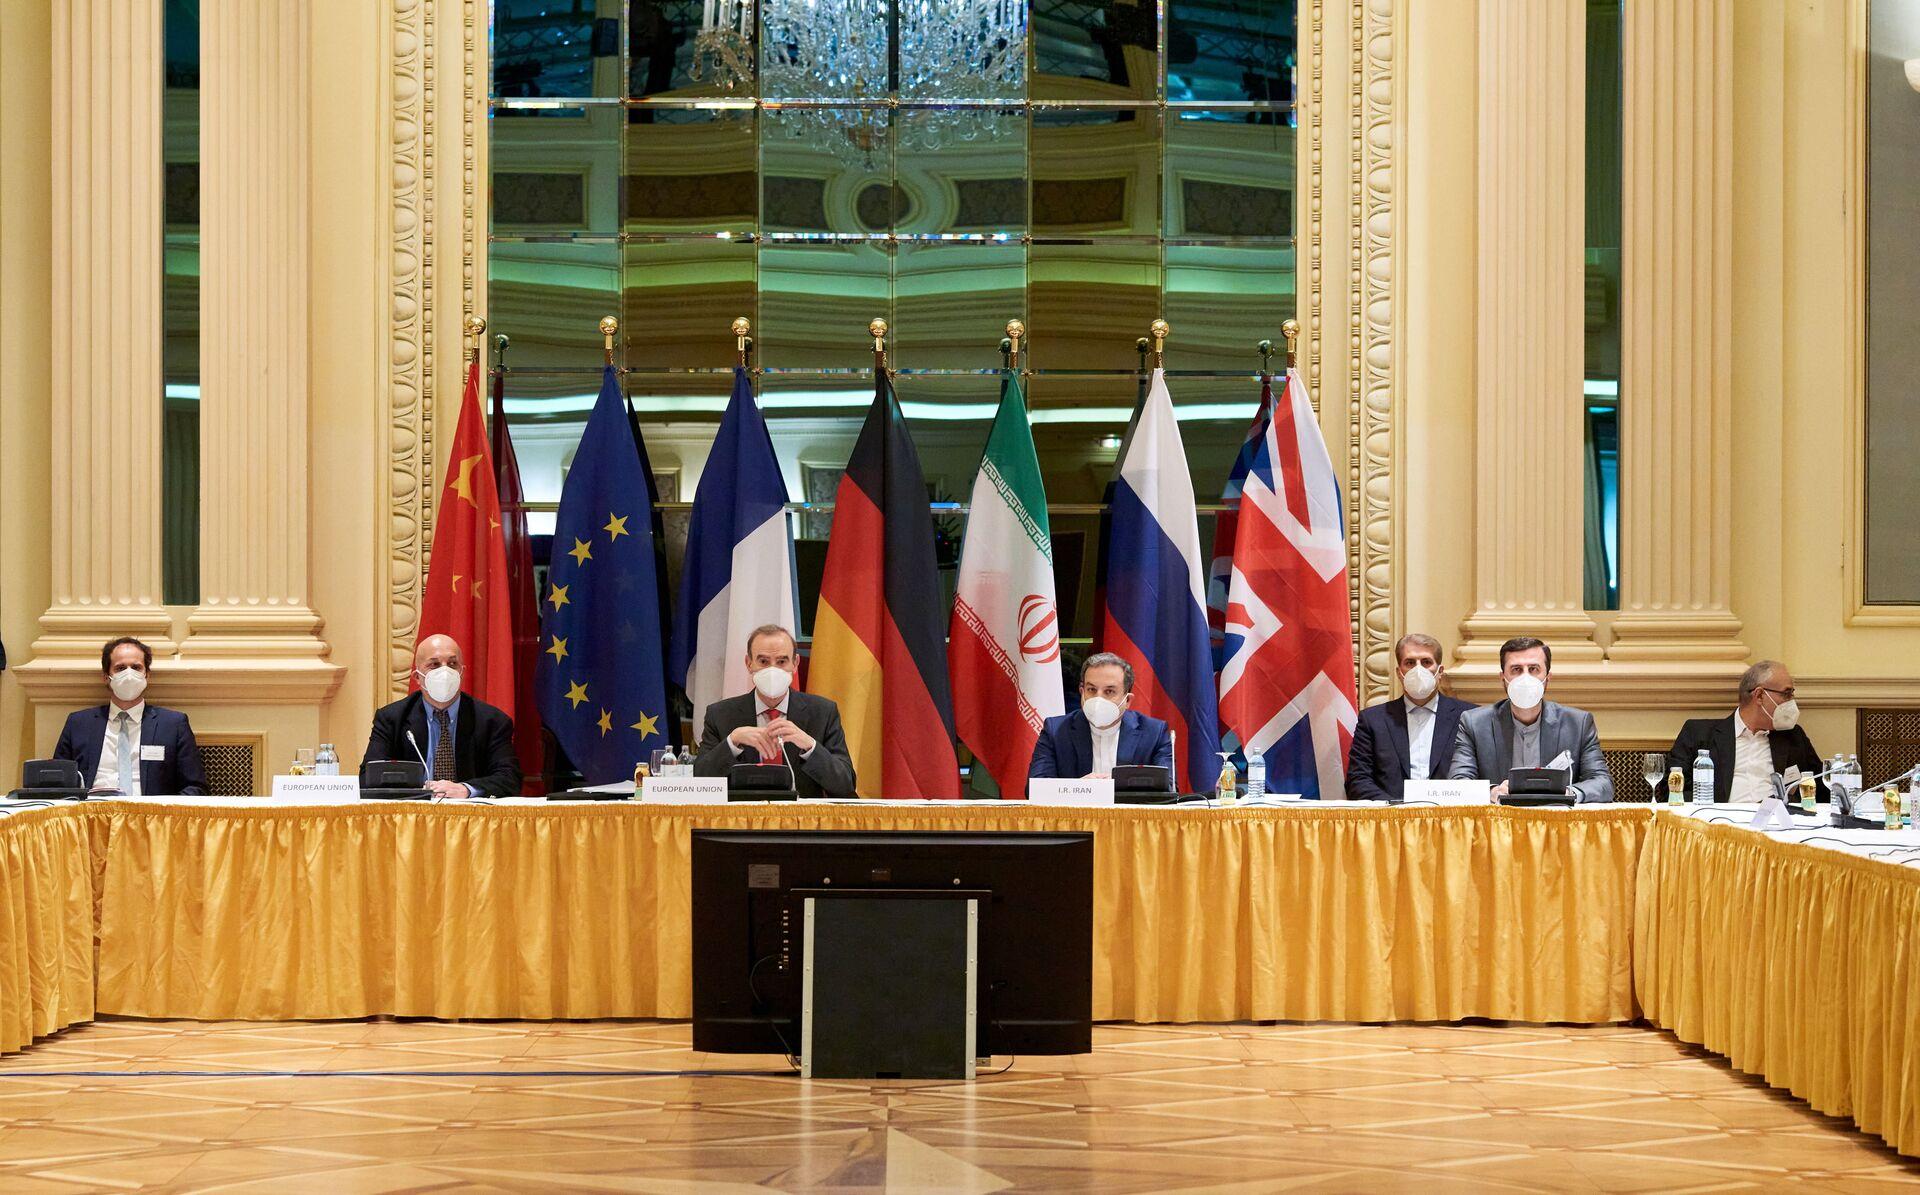 Ủy ban Thỏa thuận hạt nhân Iran họp tại Vienna, ngày 6 tháng 4 năm 2021 - Sputnik Việt Nam, 1920, 05.10.2021